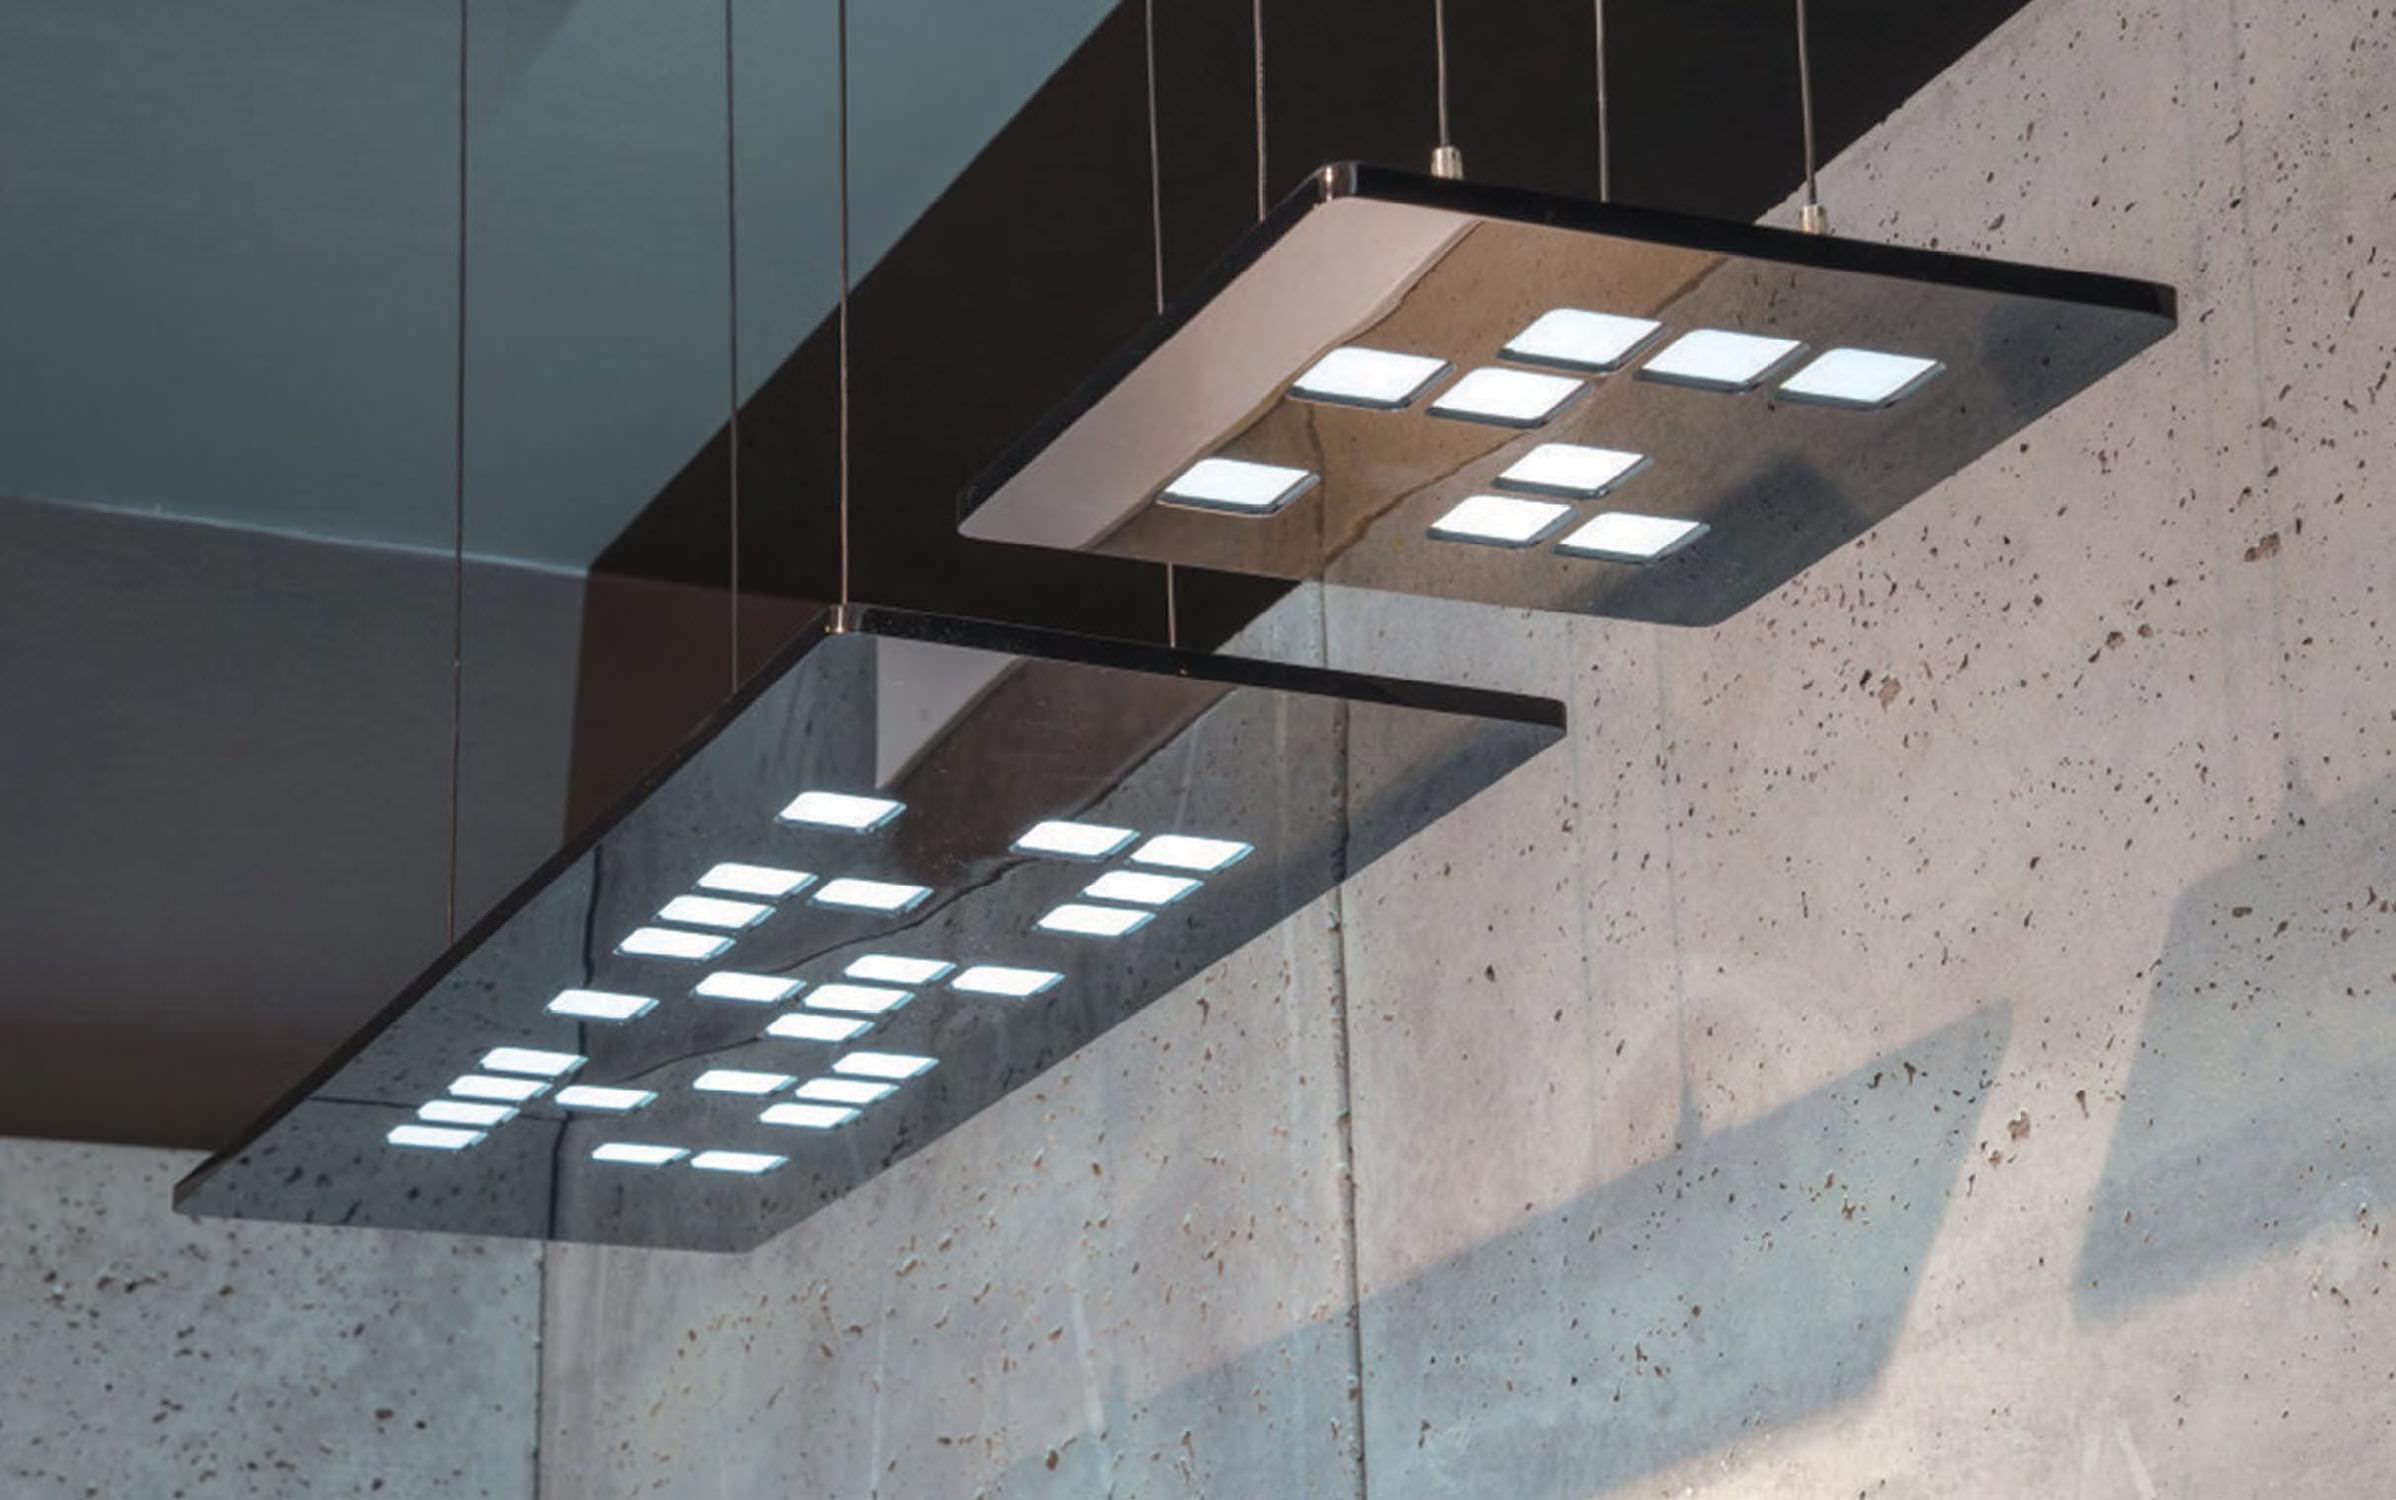 flash&dg, luglightfactory, krdesign, karolina radoń, oświetlenie biurowe, wnętrza luksusowe, wnętrza dla wymagających, projektowanie wnętrz warszawa